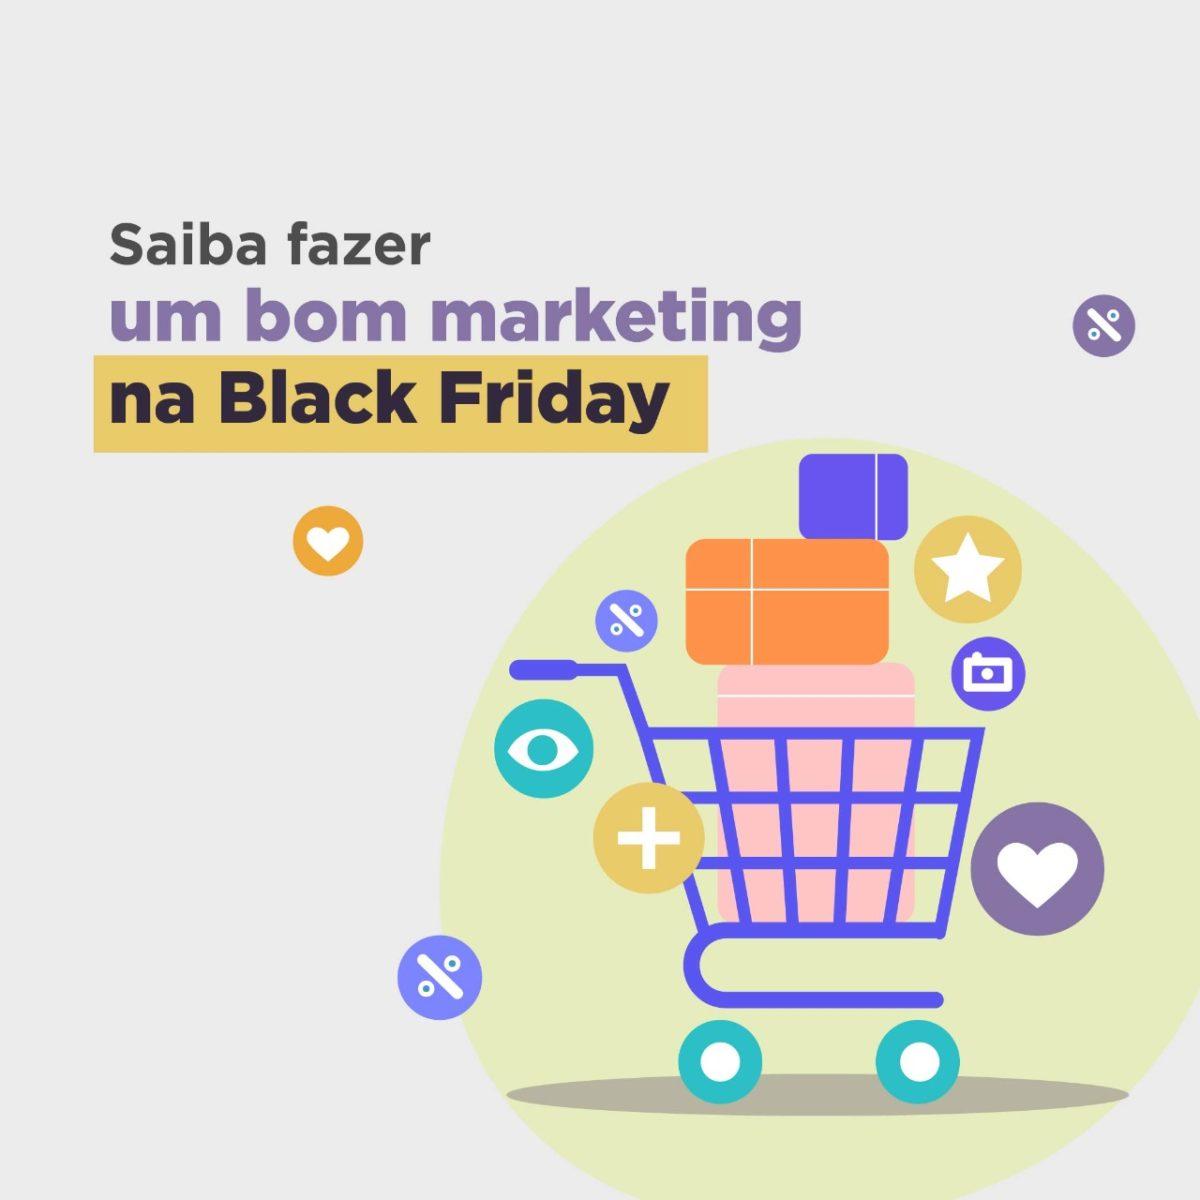 Saiba como fazer um bom marketing para Black Friday